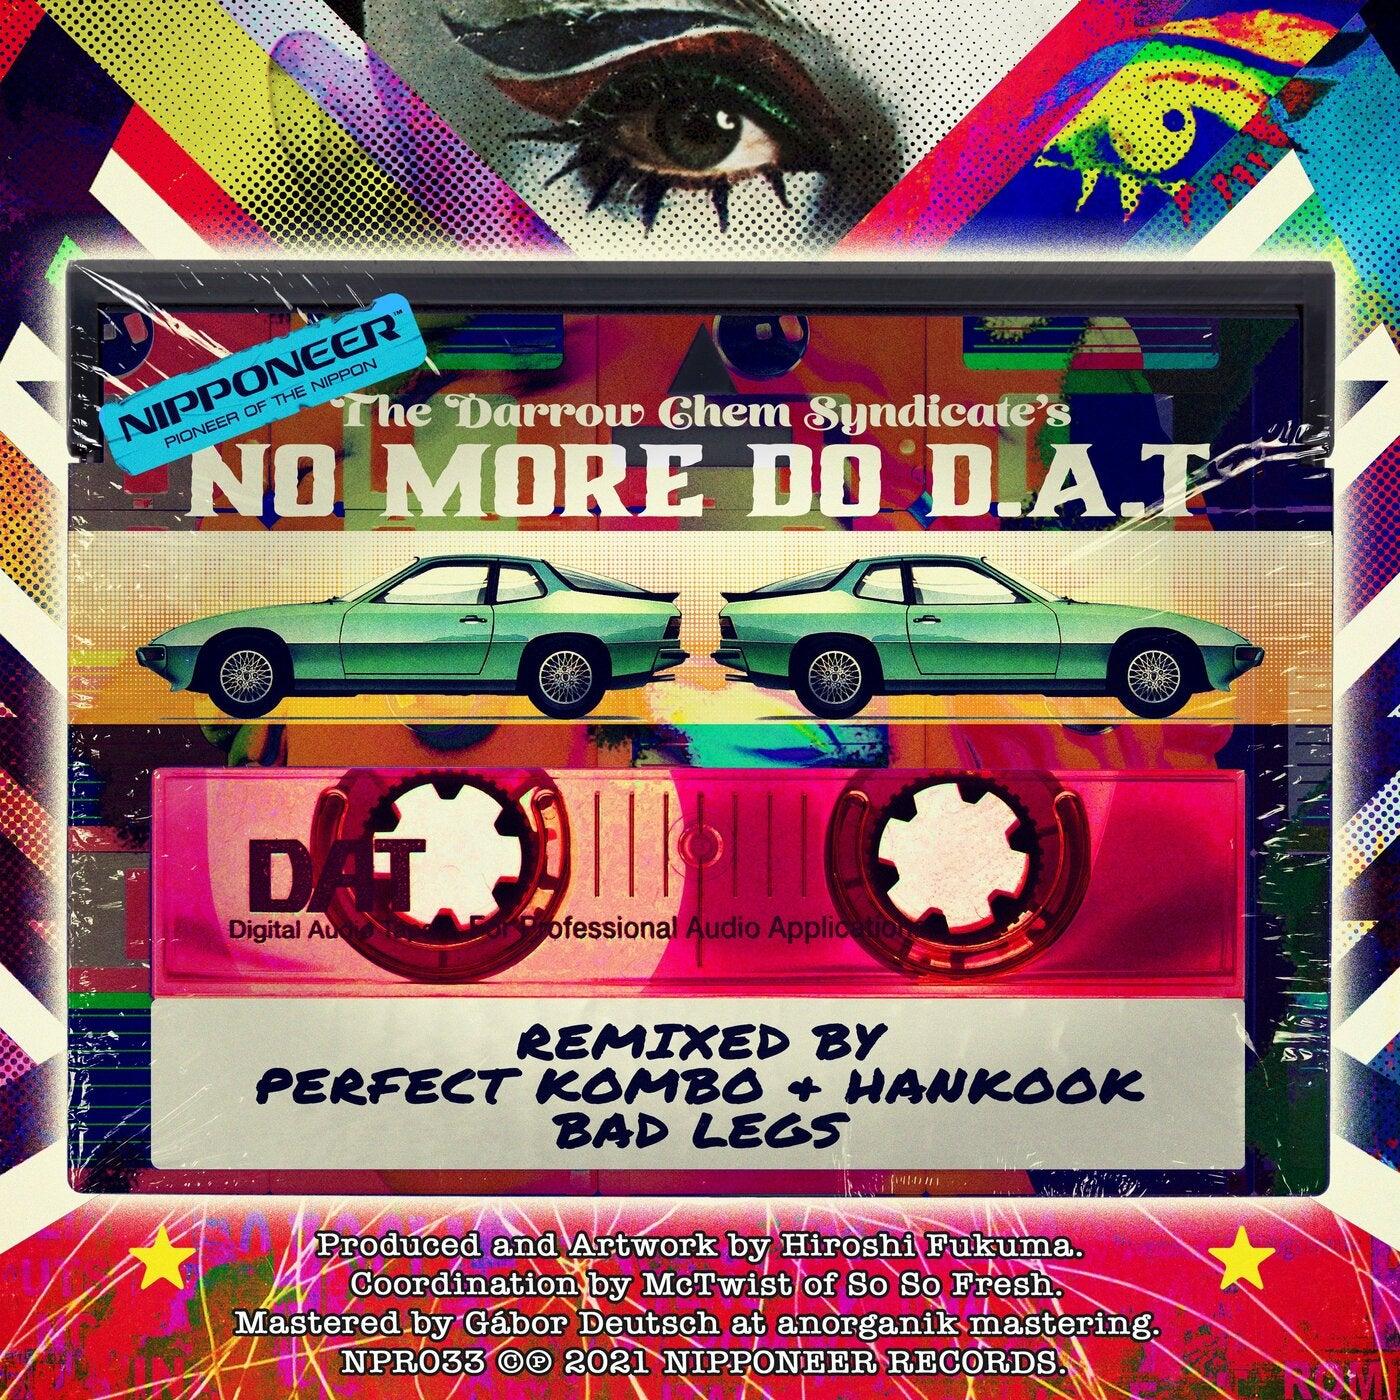 No More Do D.A.T (Perfect Kombo & Hankook Remix)